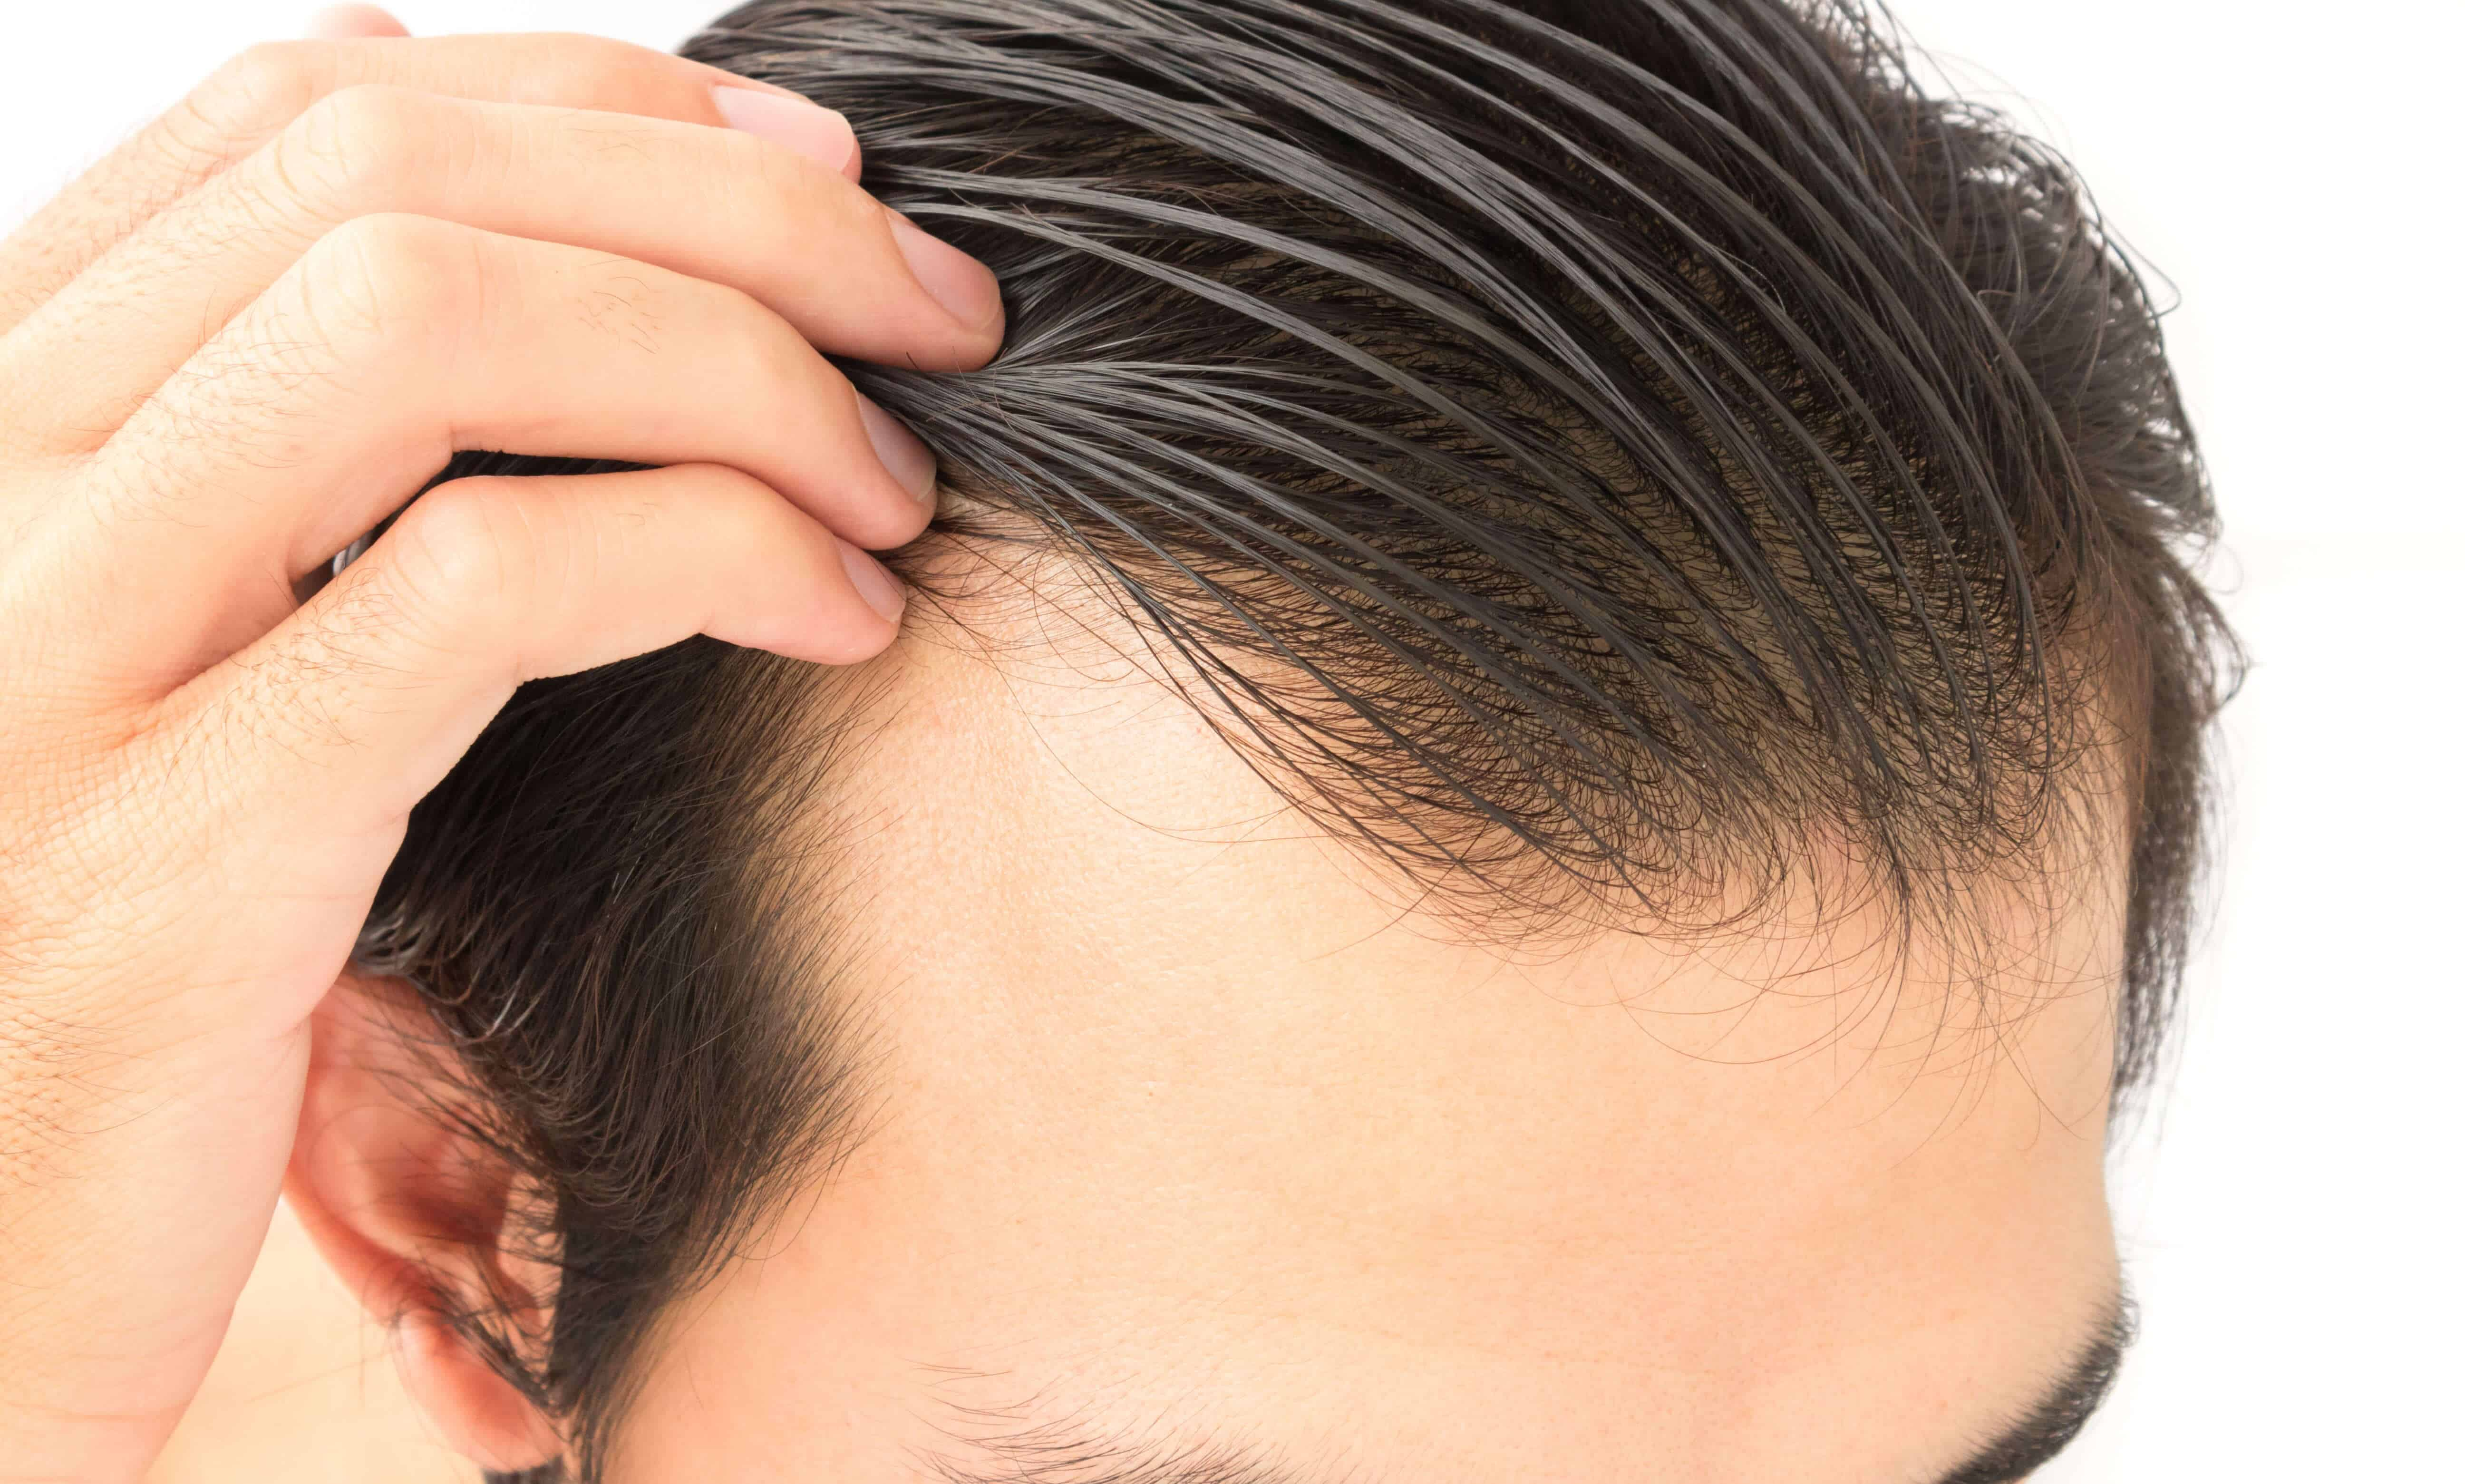 PRP – Hair Loss Treatment – Điều trị rụng tóc bằng tế bào gốc kết hợp PRP